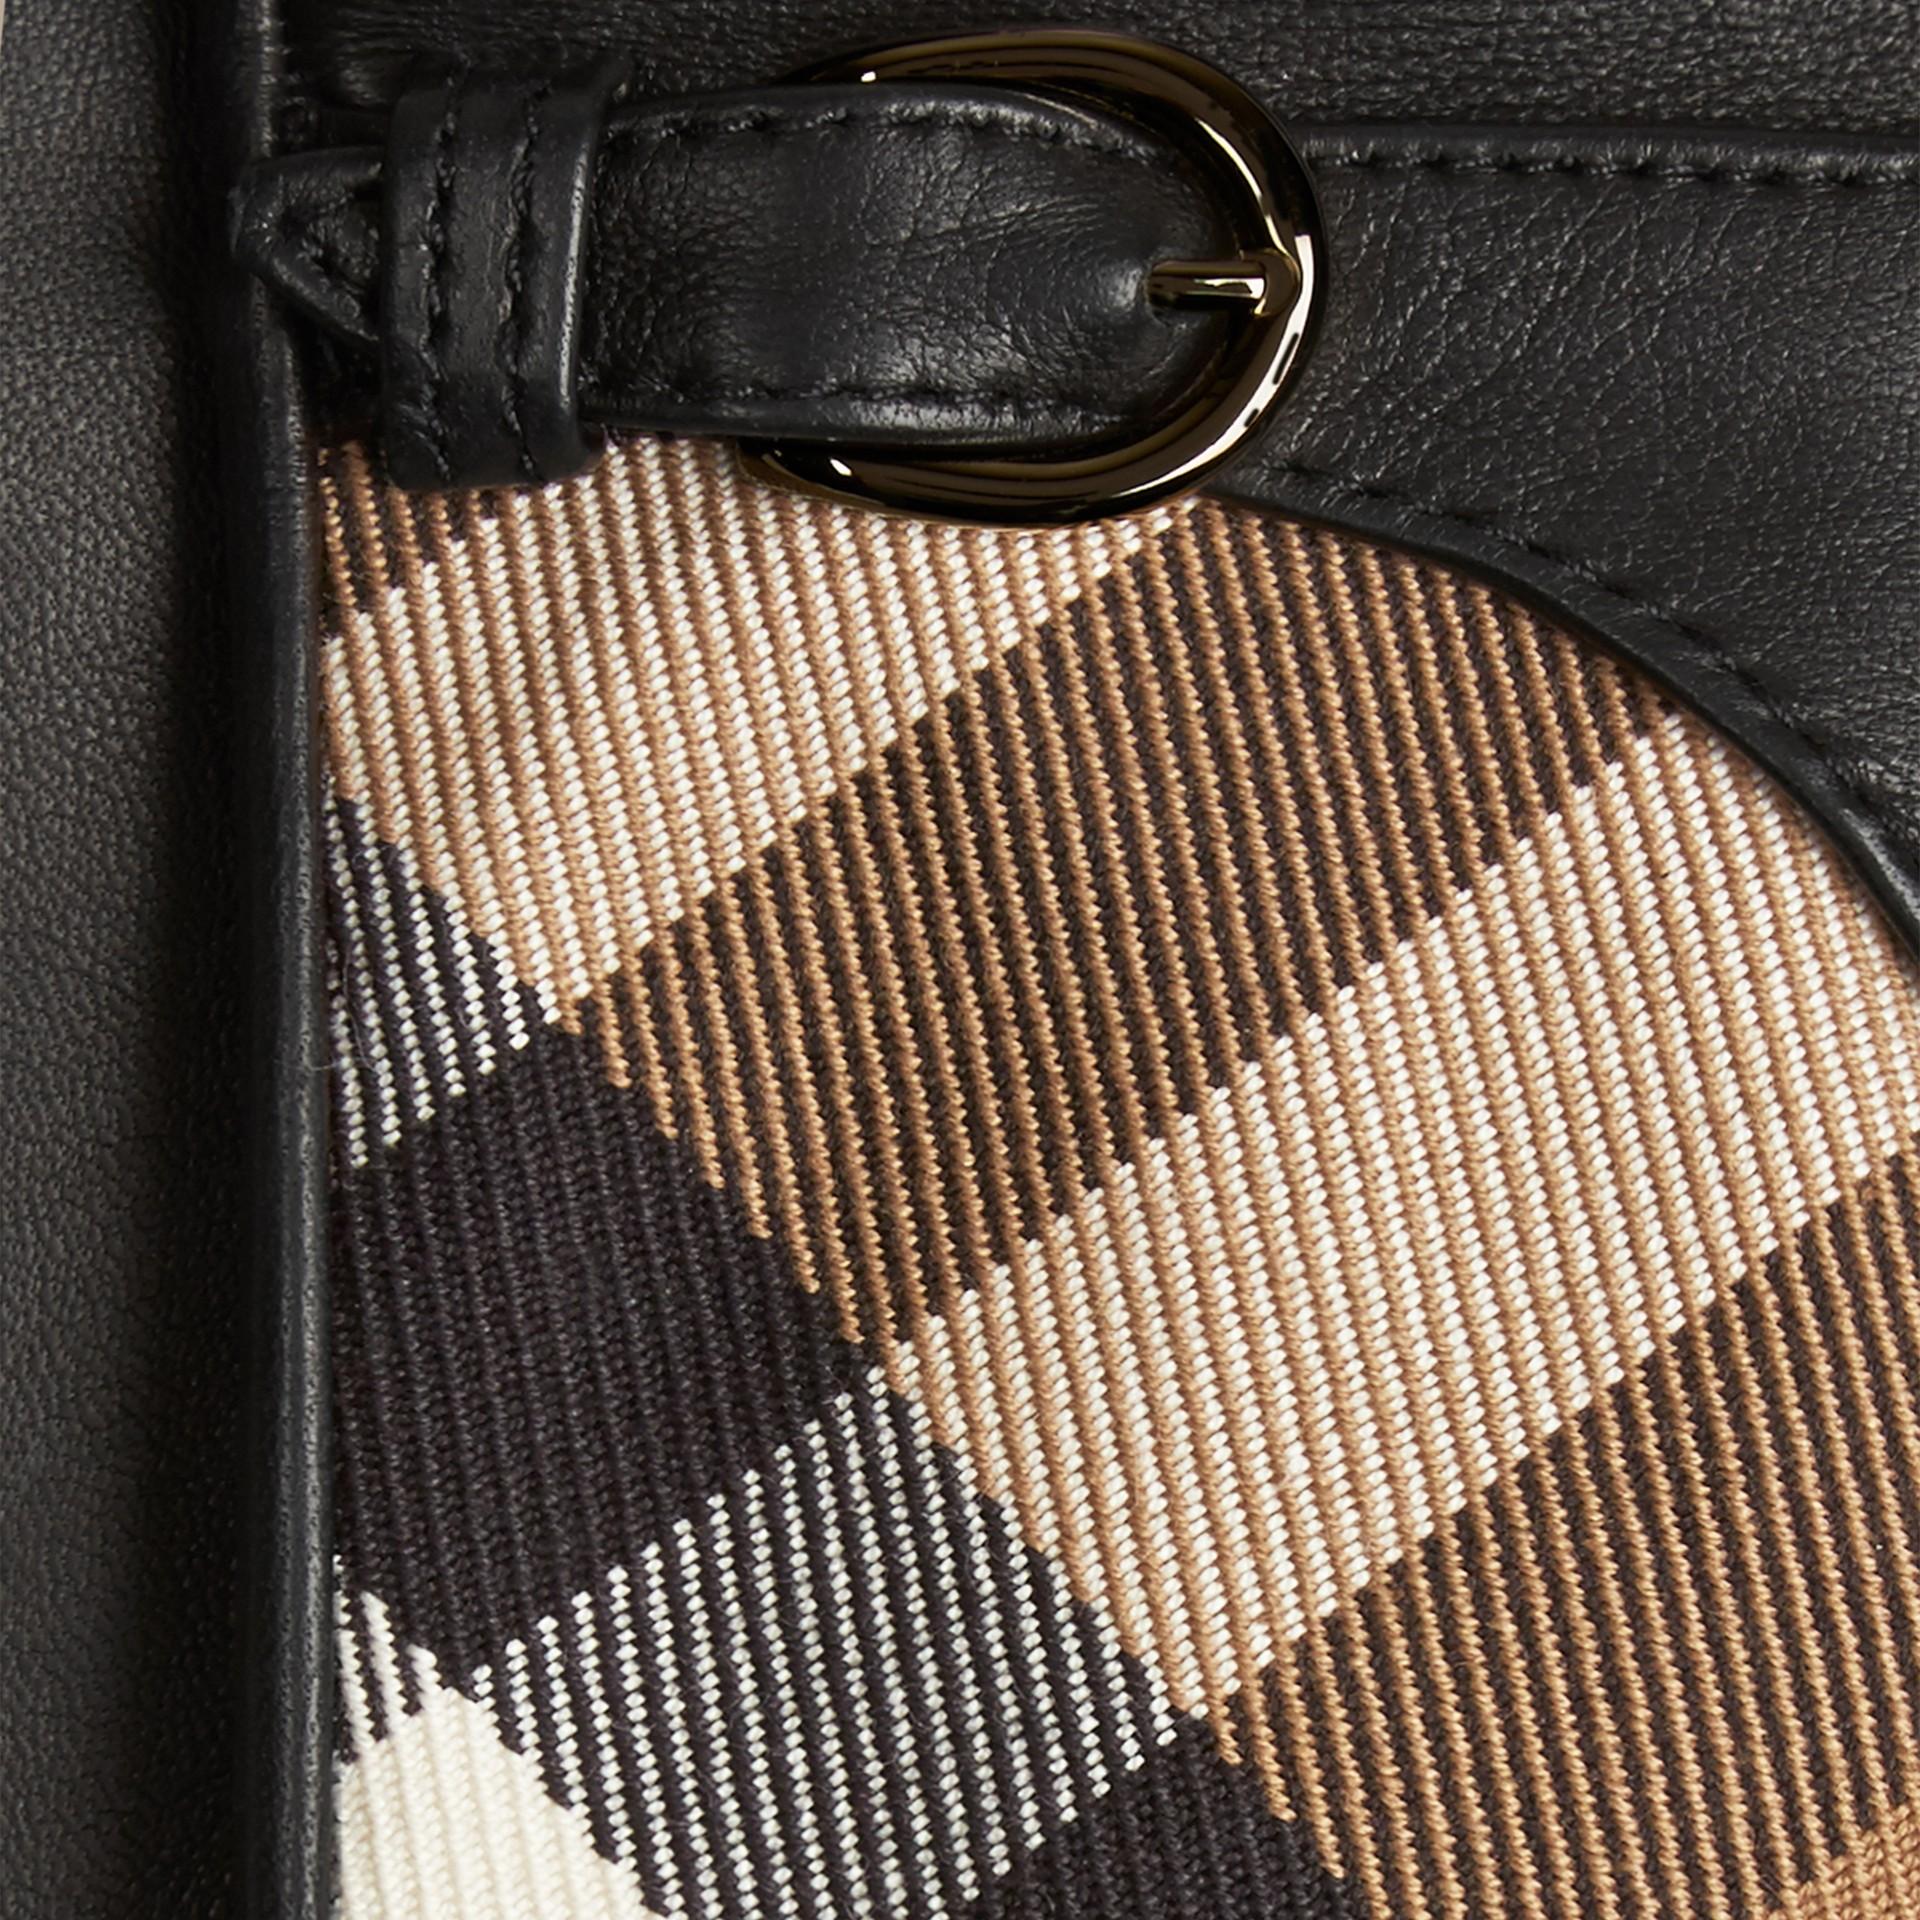 Schwarz Lederhandschuhe mit House Check-Muster Schwarz - Galerie-Bild 2